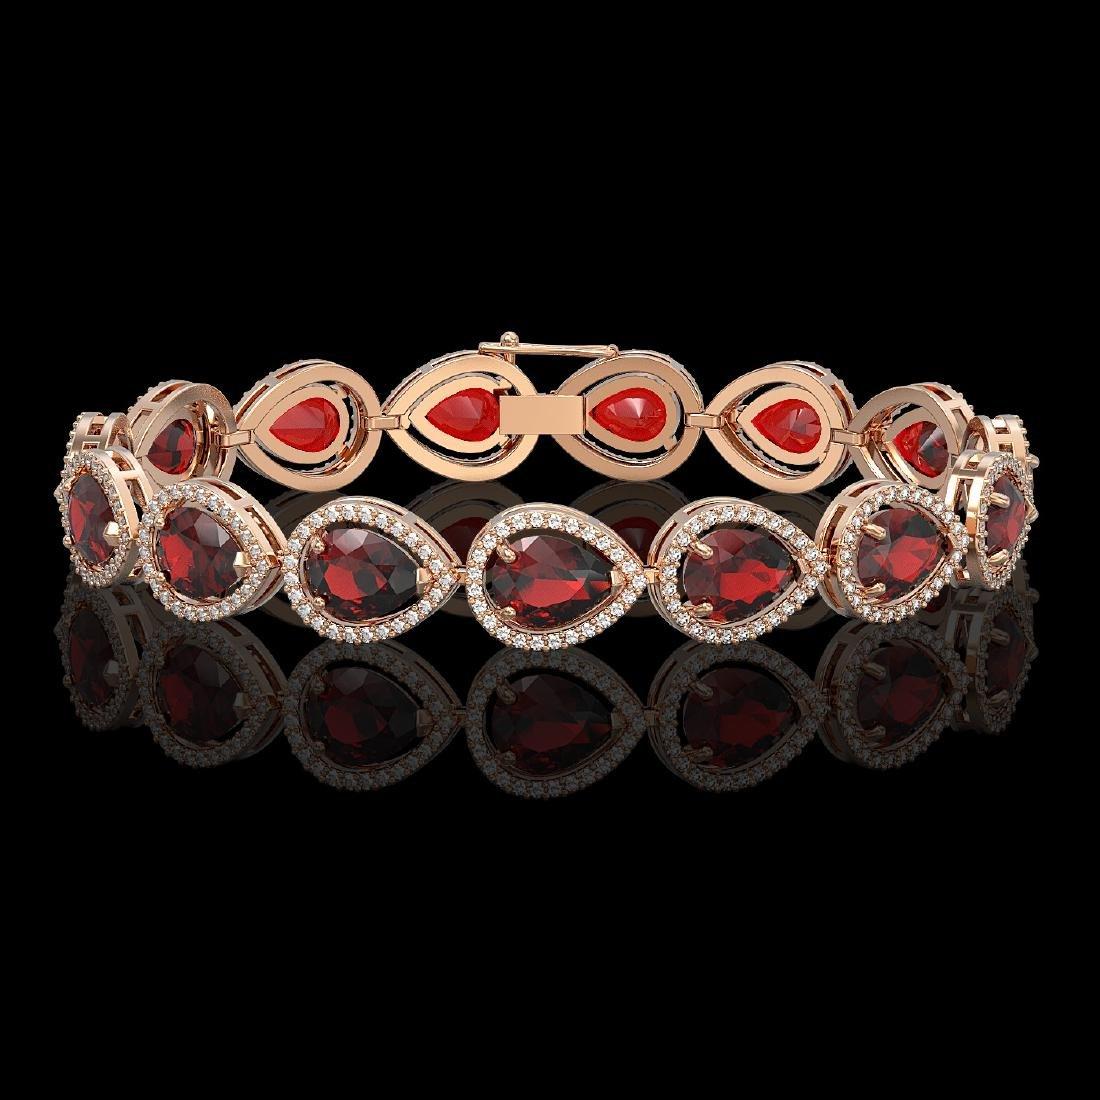 17.45 CTW Garnet & Diamond Halo Bracelet 10K Rose Gold